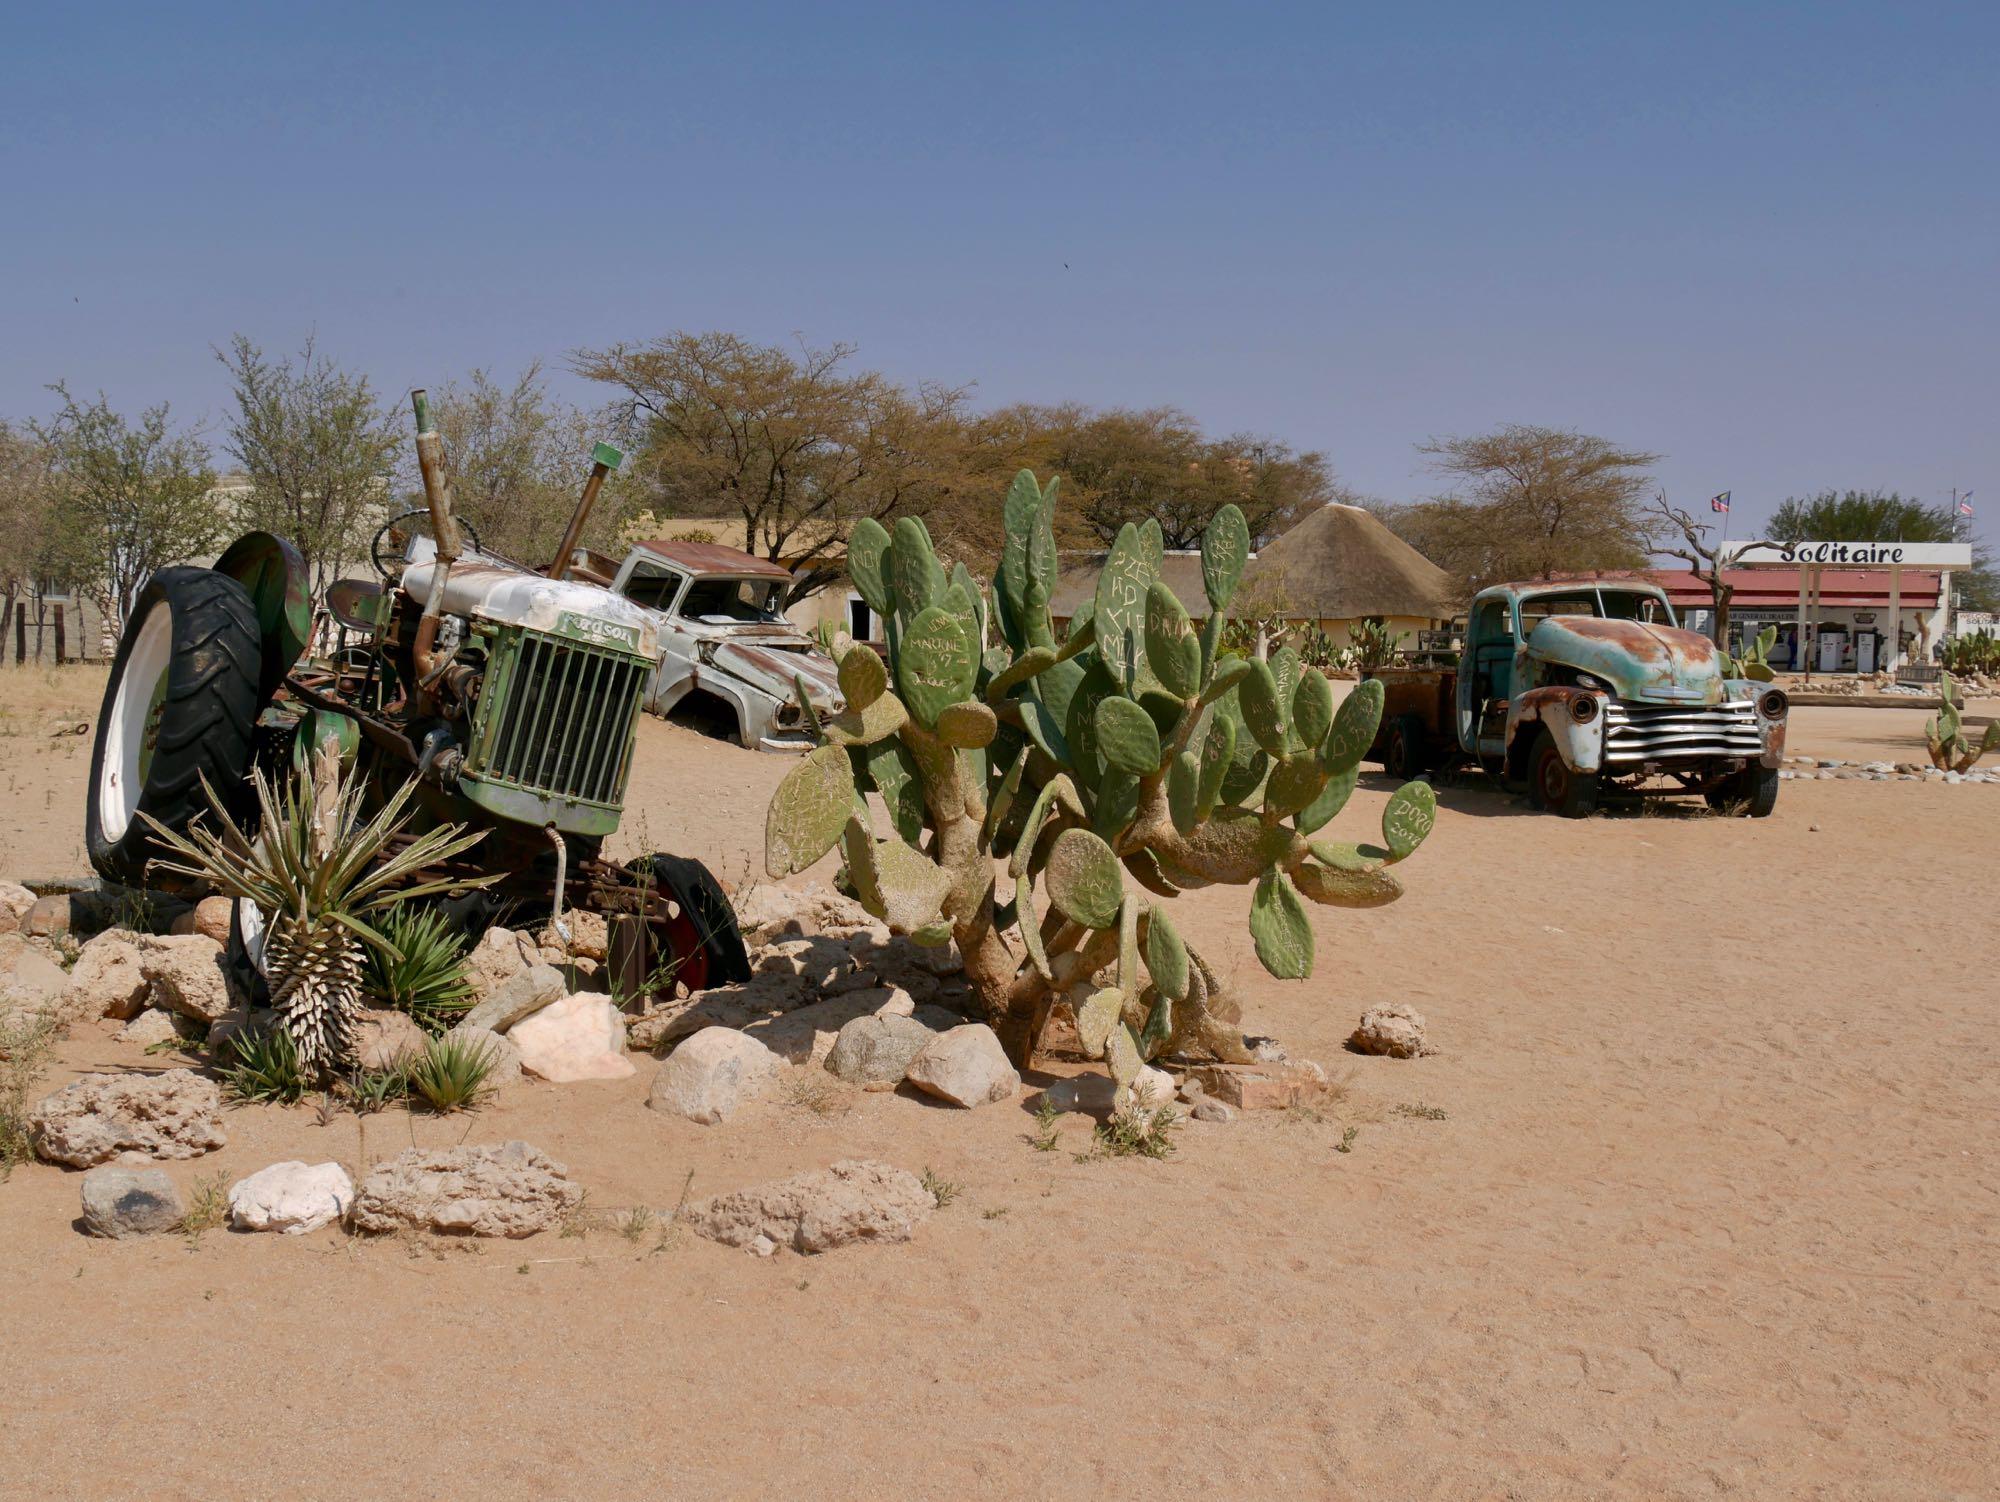 Vieux tracteurs à Solitaire, Namibie